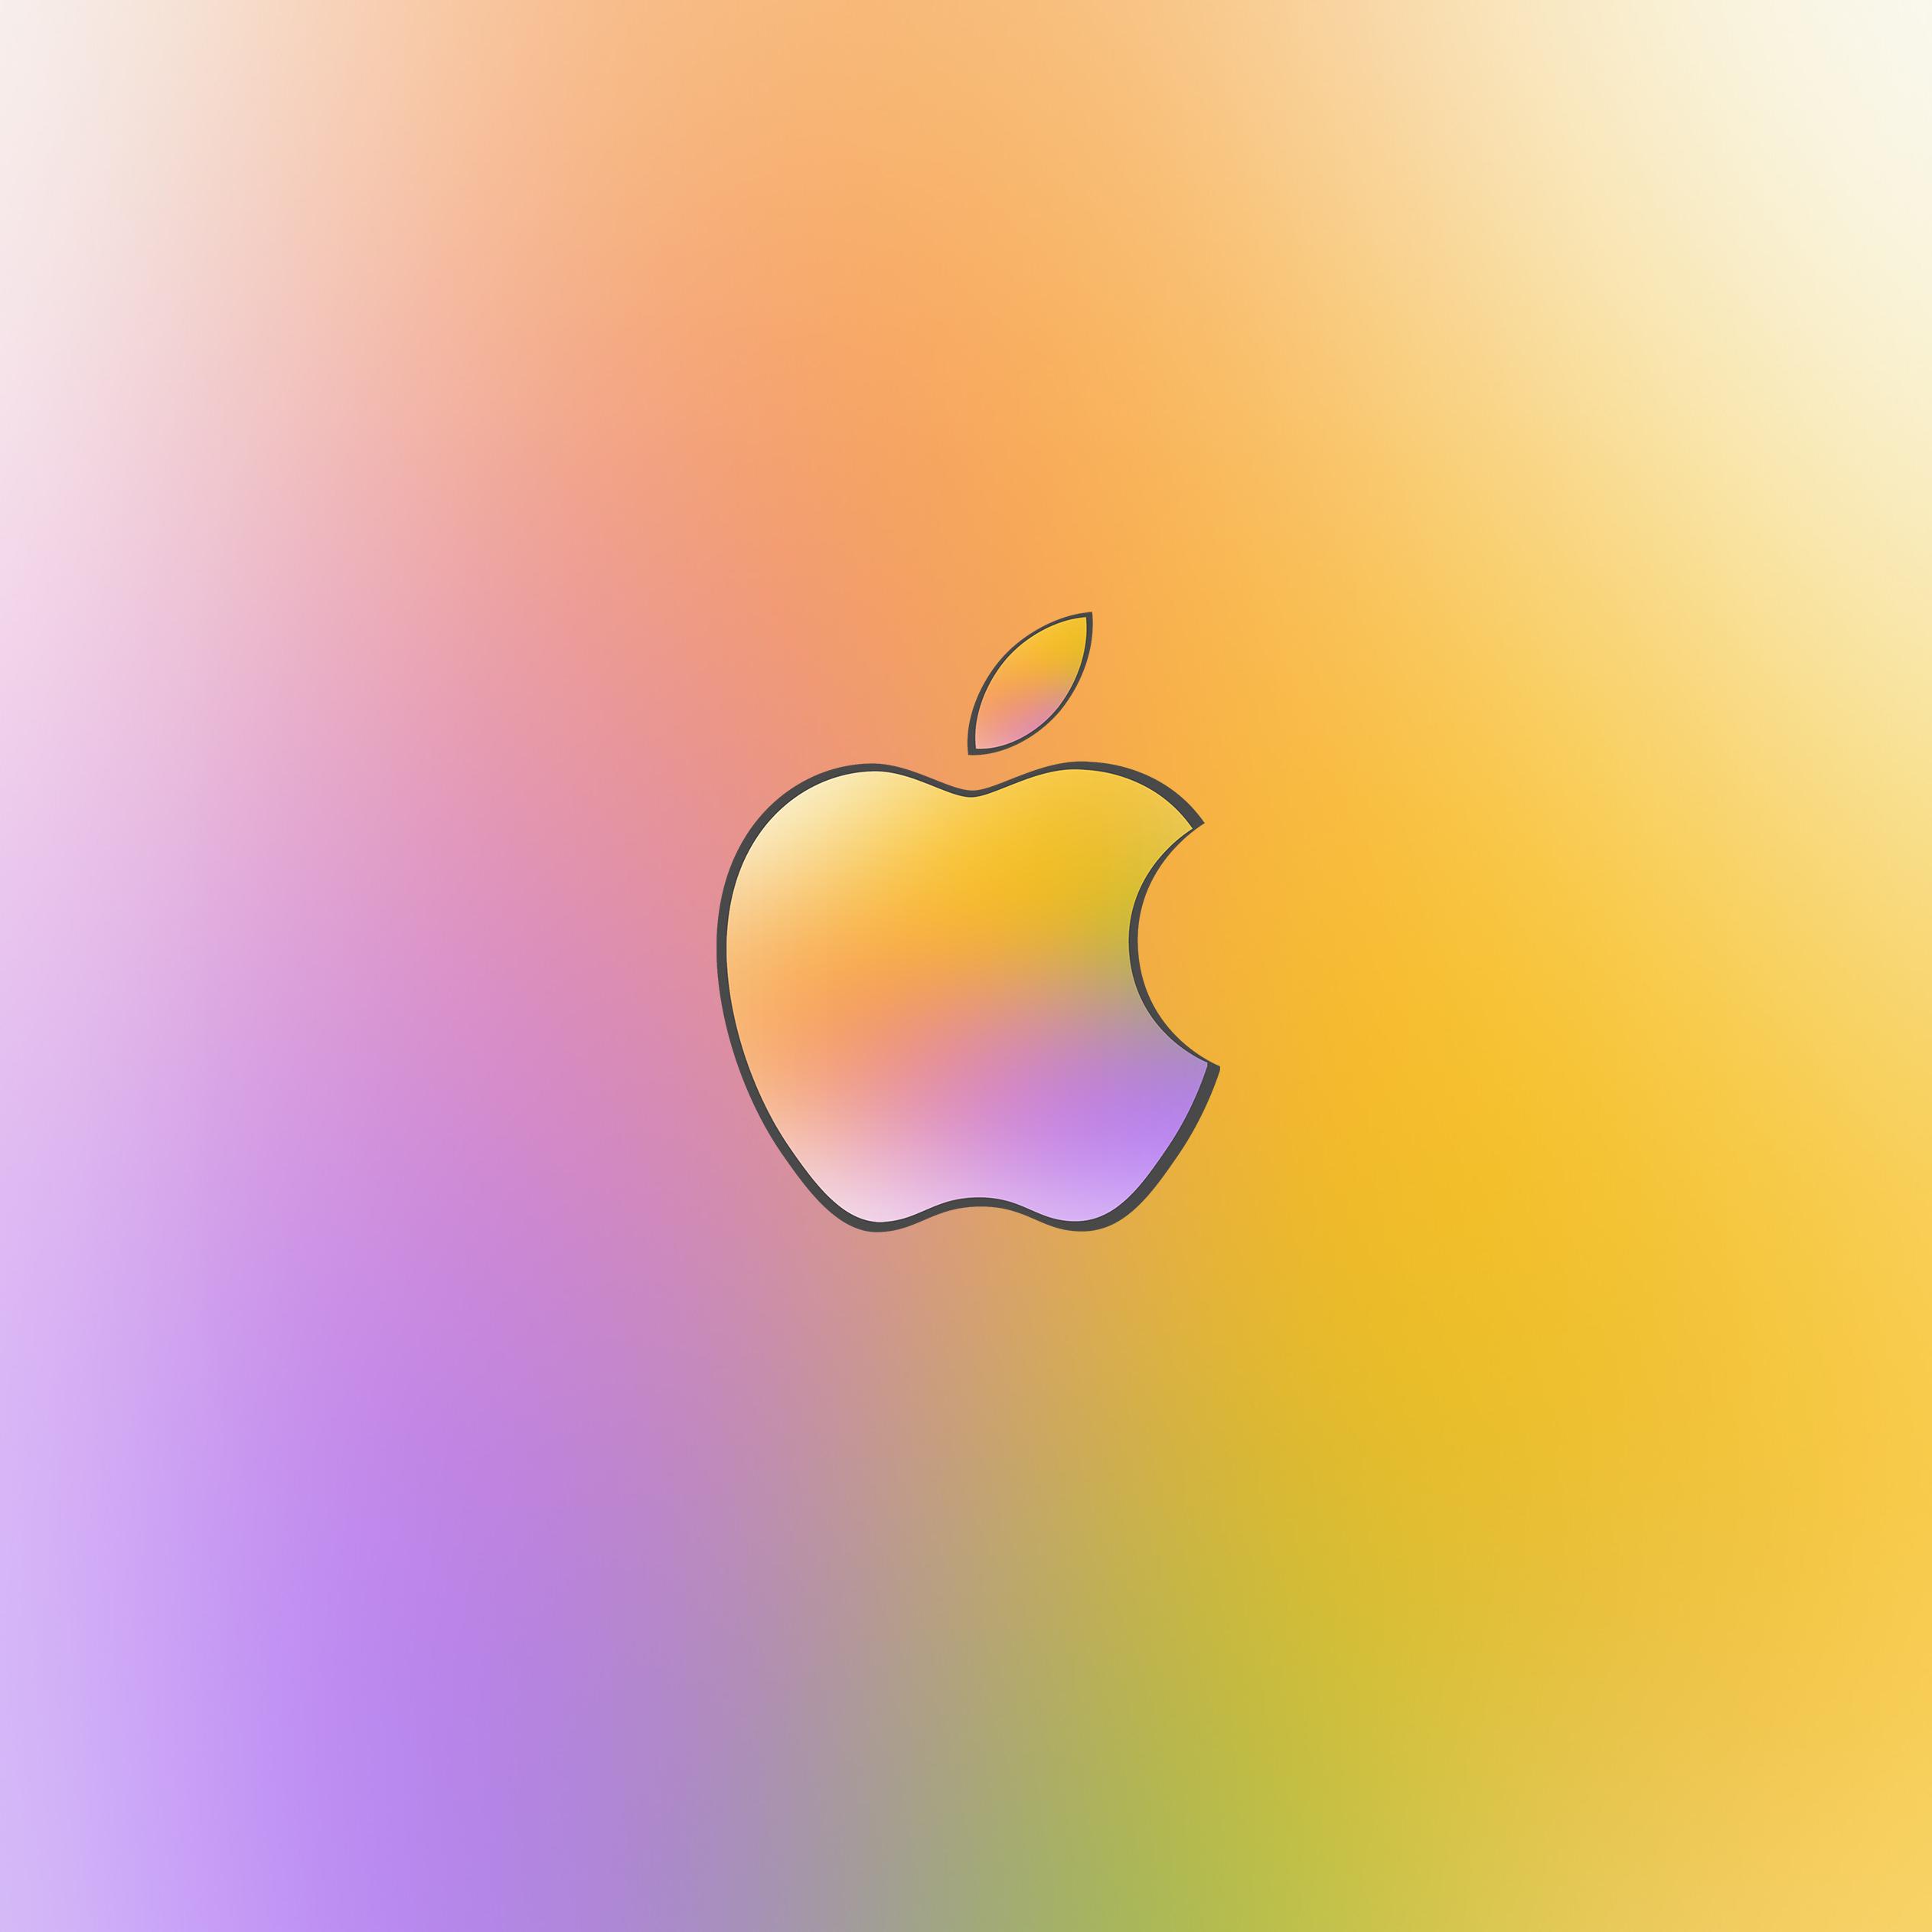 Iphone Ipad Und Mac Wallpaper Inspiriert Von Der Apple